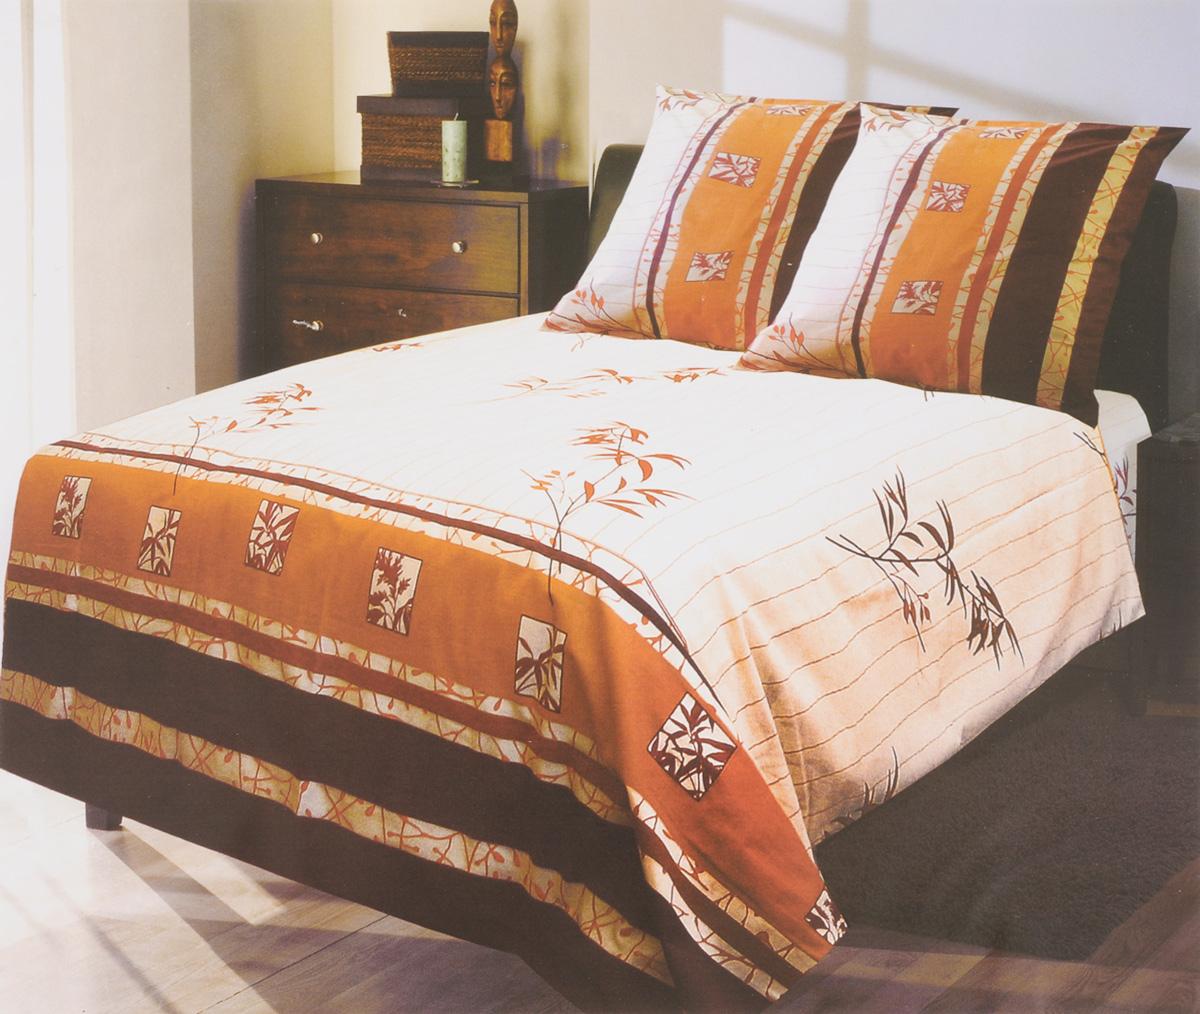 Комплект белья Катюша Ветка, 1,5-спальный, наволочки 70х70, цвет: молочный, оранжевый, бордовыйC-129/3882Комплект постельного белья Катюша Ветка является экологически безопасным для всей семьи, так как выполнен из бязи (100% хлопок). Комплект состоит из пододеяльника, простыни и двух наволочек. Постельное белье оформлено оригинальным рисунком и имеет изысканный внешний вид. Бязь - это ткань полотняного переплетения, изготовленная из экологически чистого и натурального 100% хлопка. Она прочная, мягкая, обладает низкой сминаемостью, легко стирается и хорошо гладится. Бязь прекрасно пропускает воздух и за ней легко ухаживать. При соблюдении рекомендуемых условий стирки, сушки и глажения ткань имеет усадку по ГОСТу, сохранятся яркость текстильных рисунков. Приобретая комплект постельного белья Катюша Ветка, вы можете быть уверенны в том, что покупка доставит вам и вашим близким удовольствие и подарит максимальный комфорт.